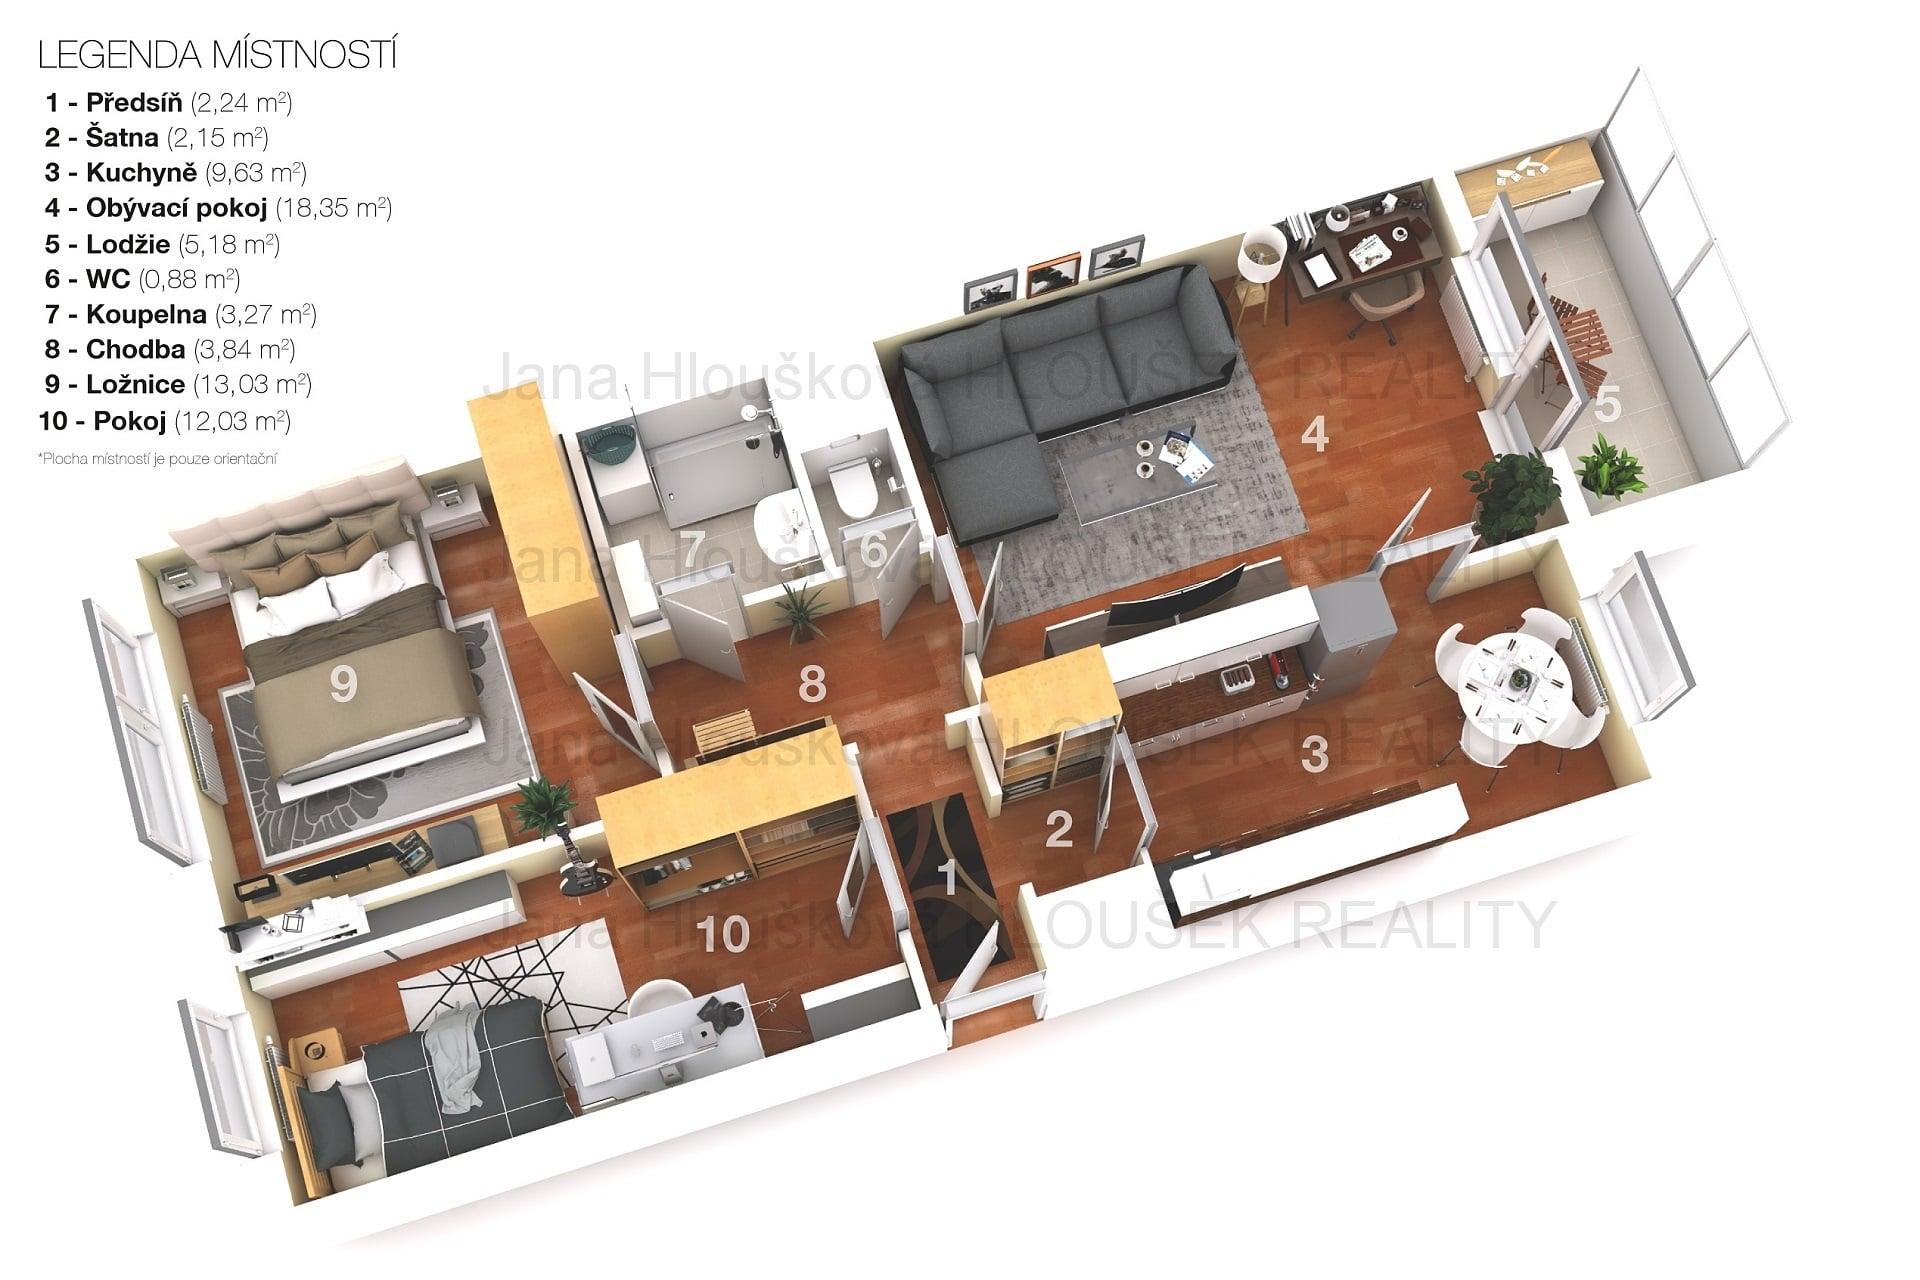 Prodej bytu 3+1/L, ul. Matuškova, Praha 4 - Háje, Jana Hloušková